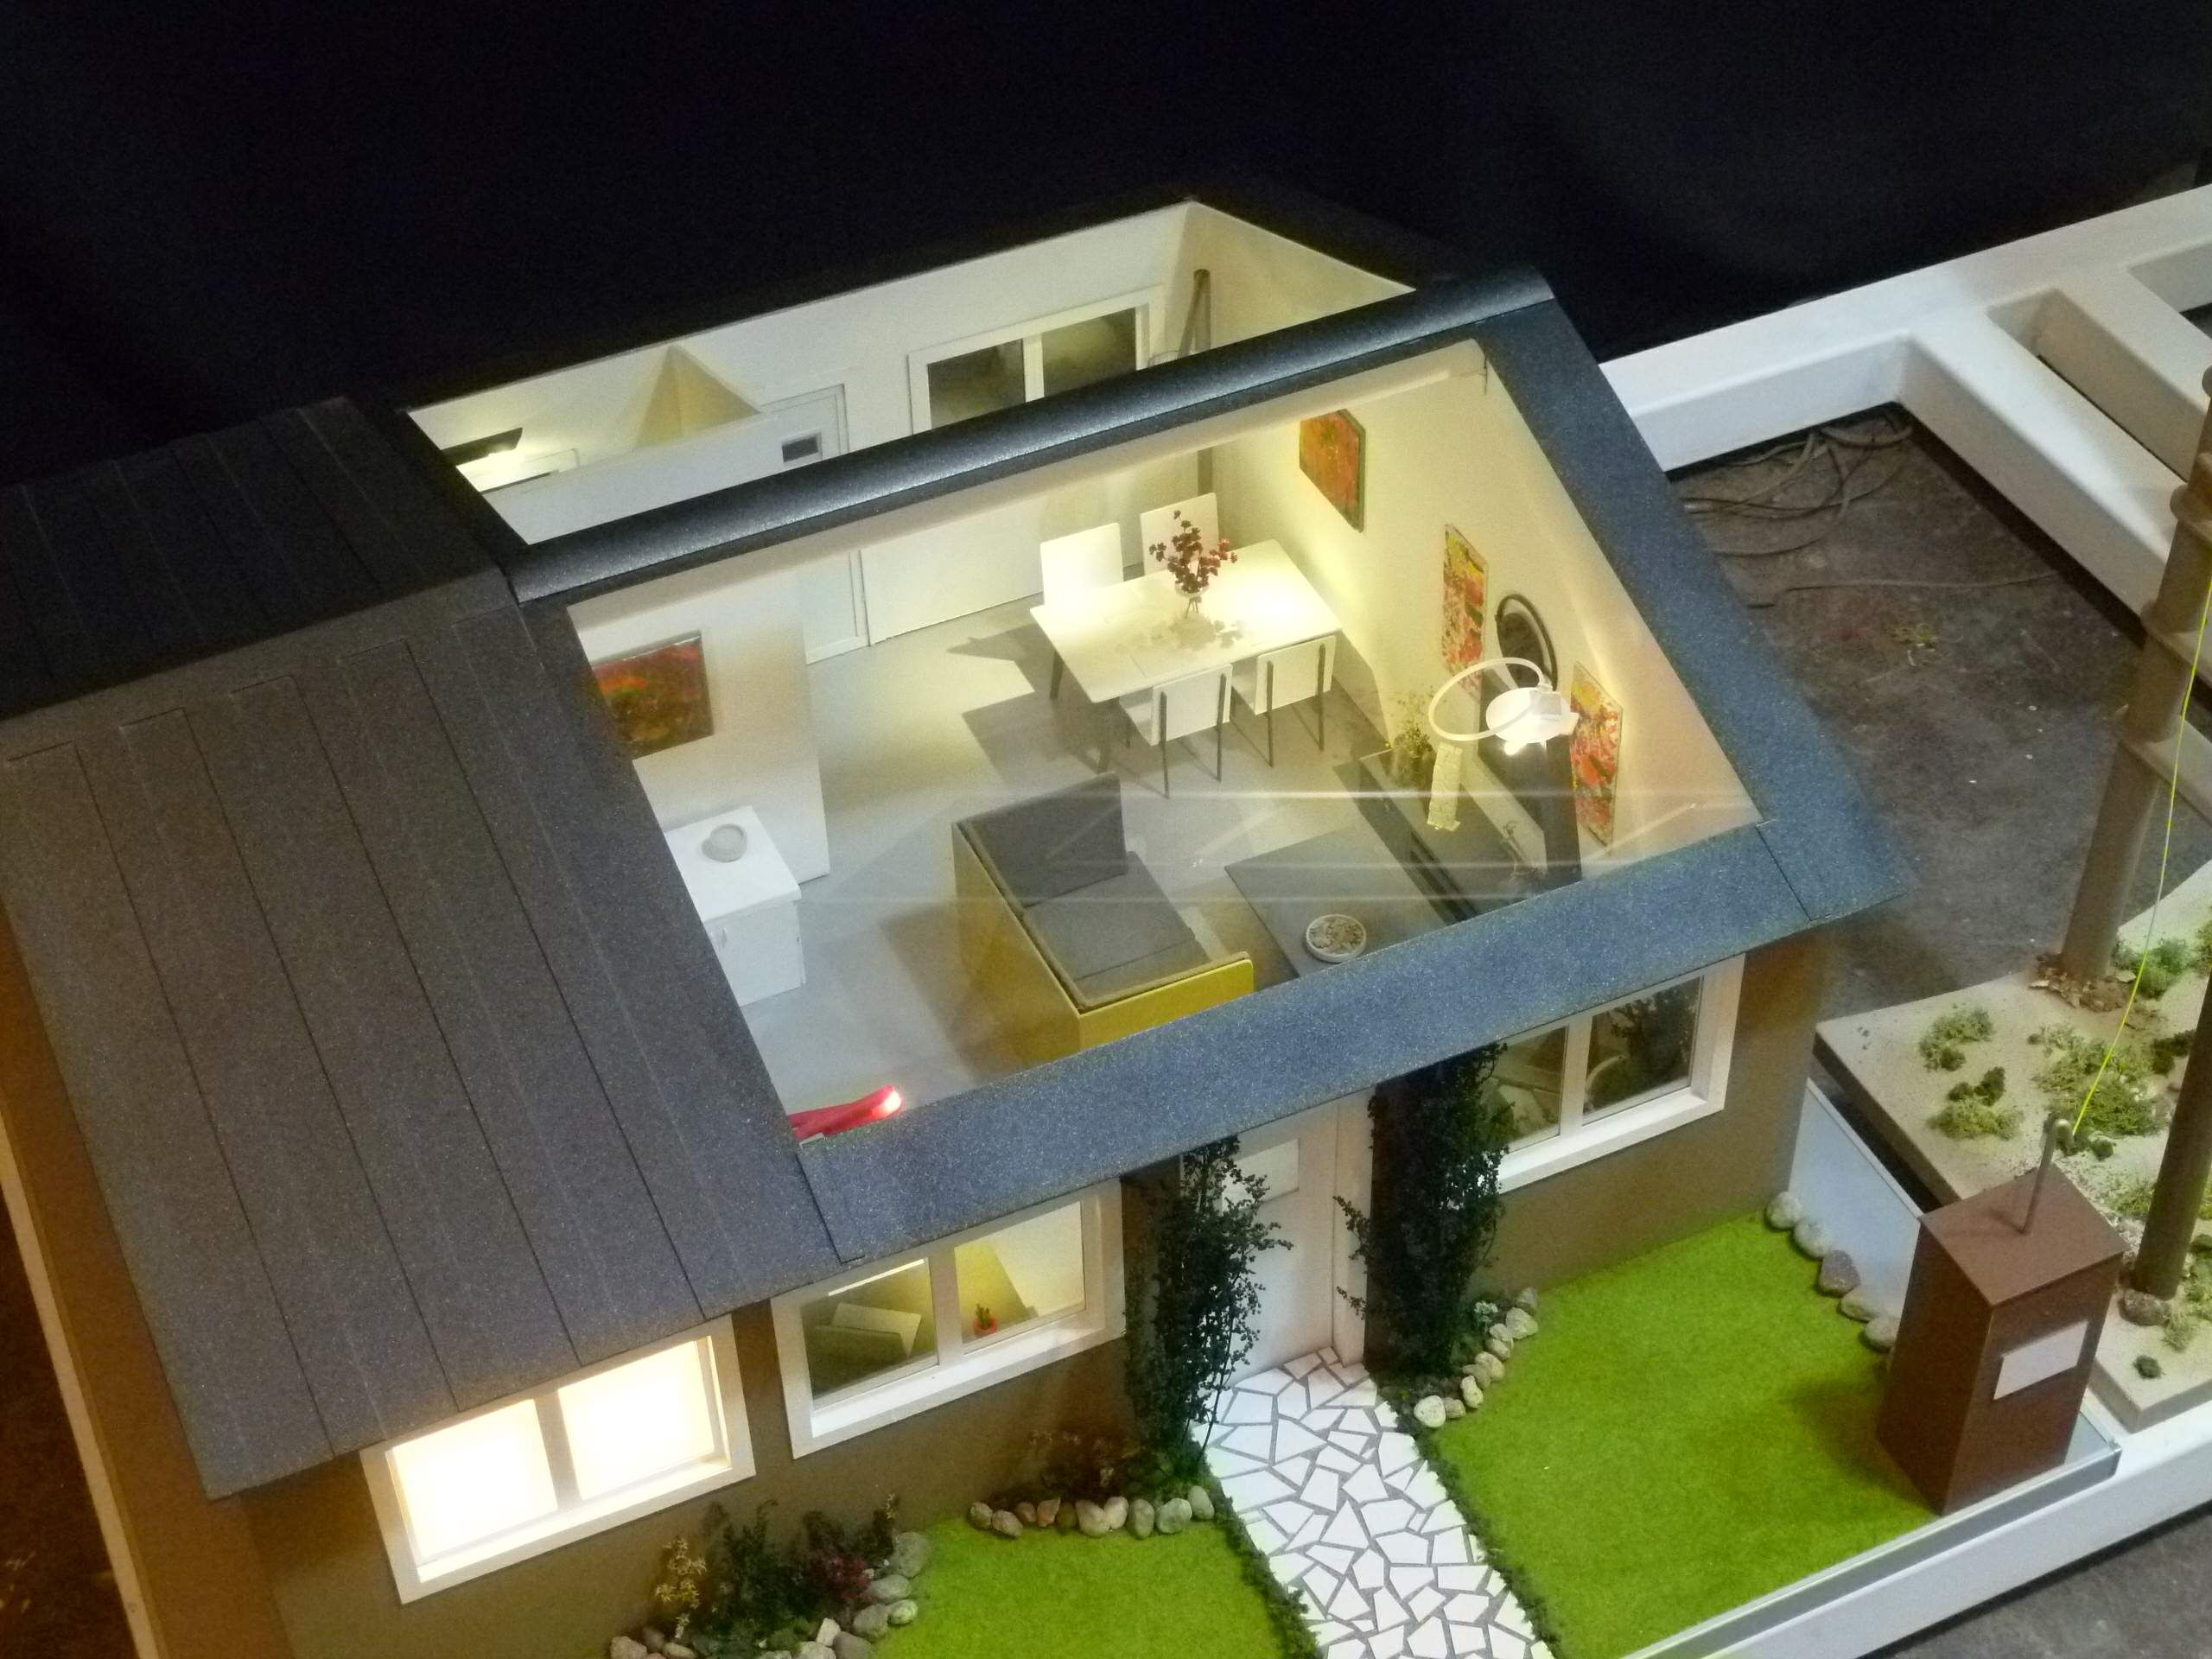 Maqueta casa con interiores escala 1 10 maquetas for Casa moderna maqueta